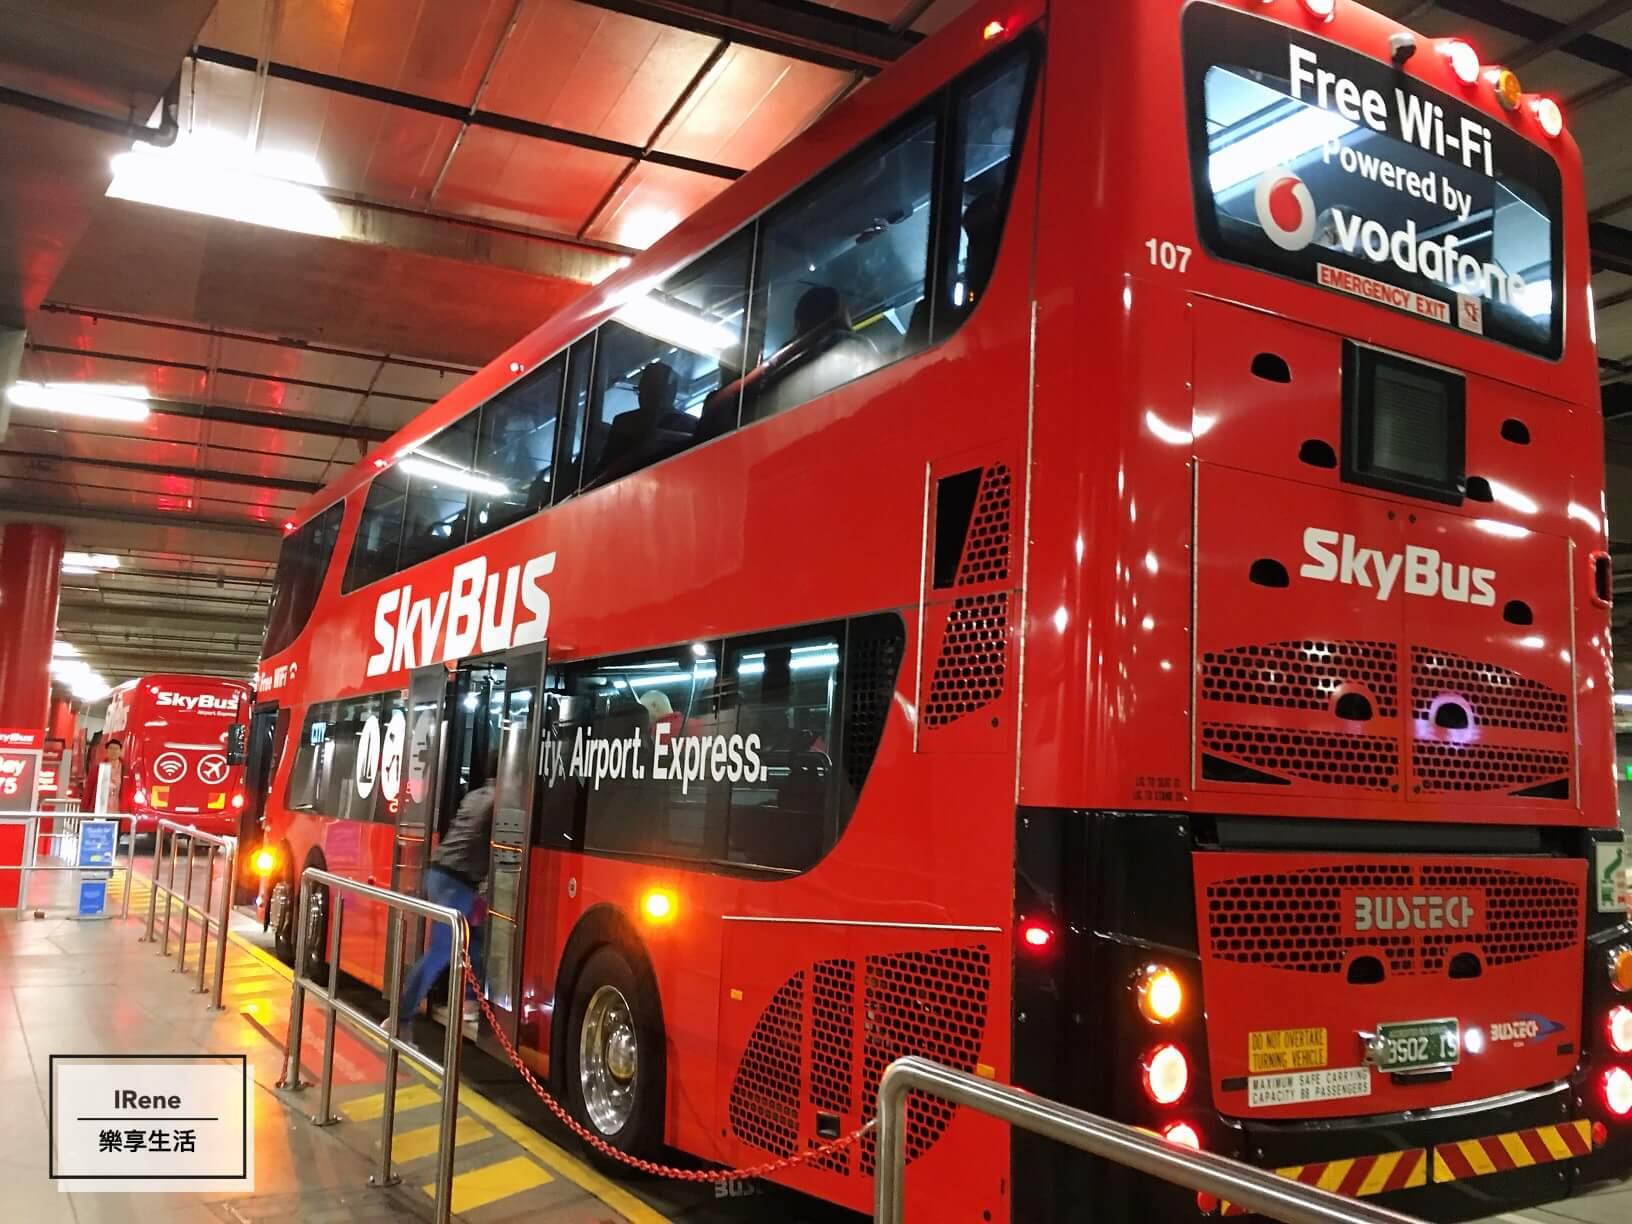 墨爾本機場巴士SkyBus